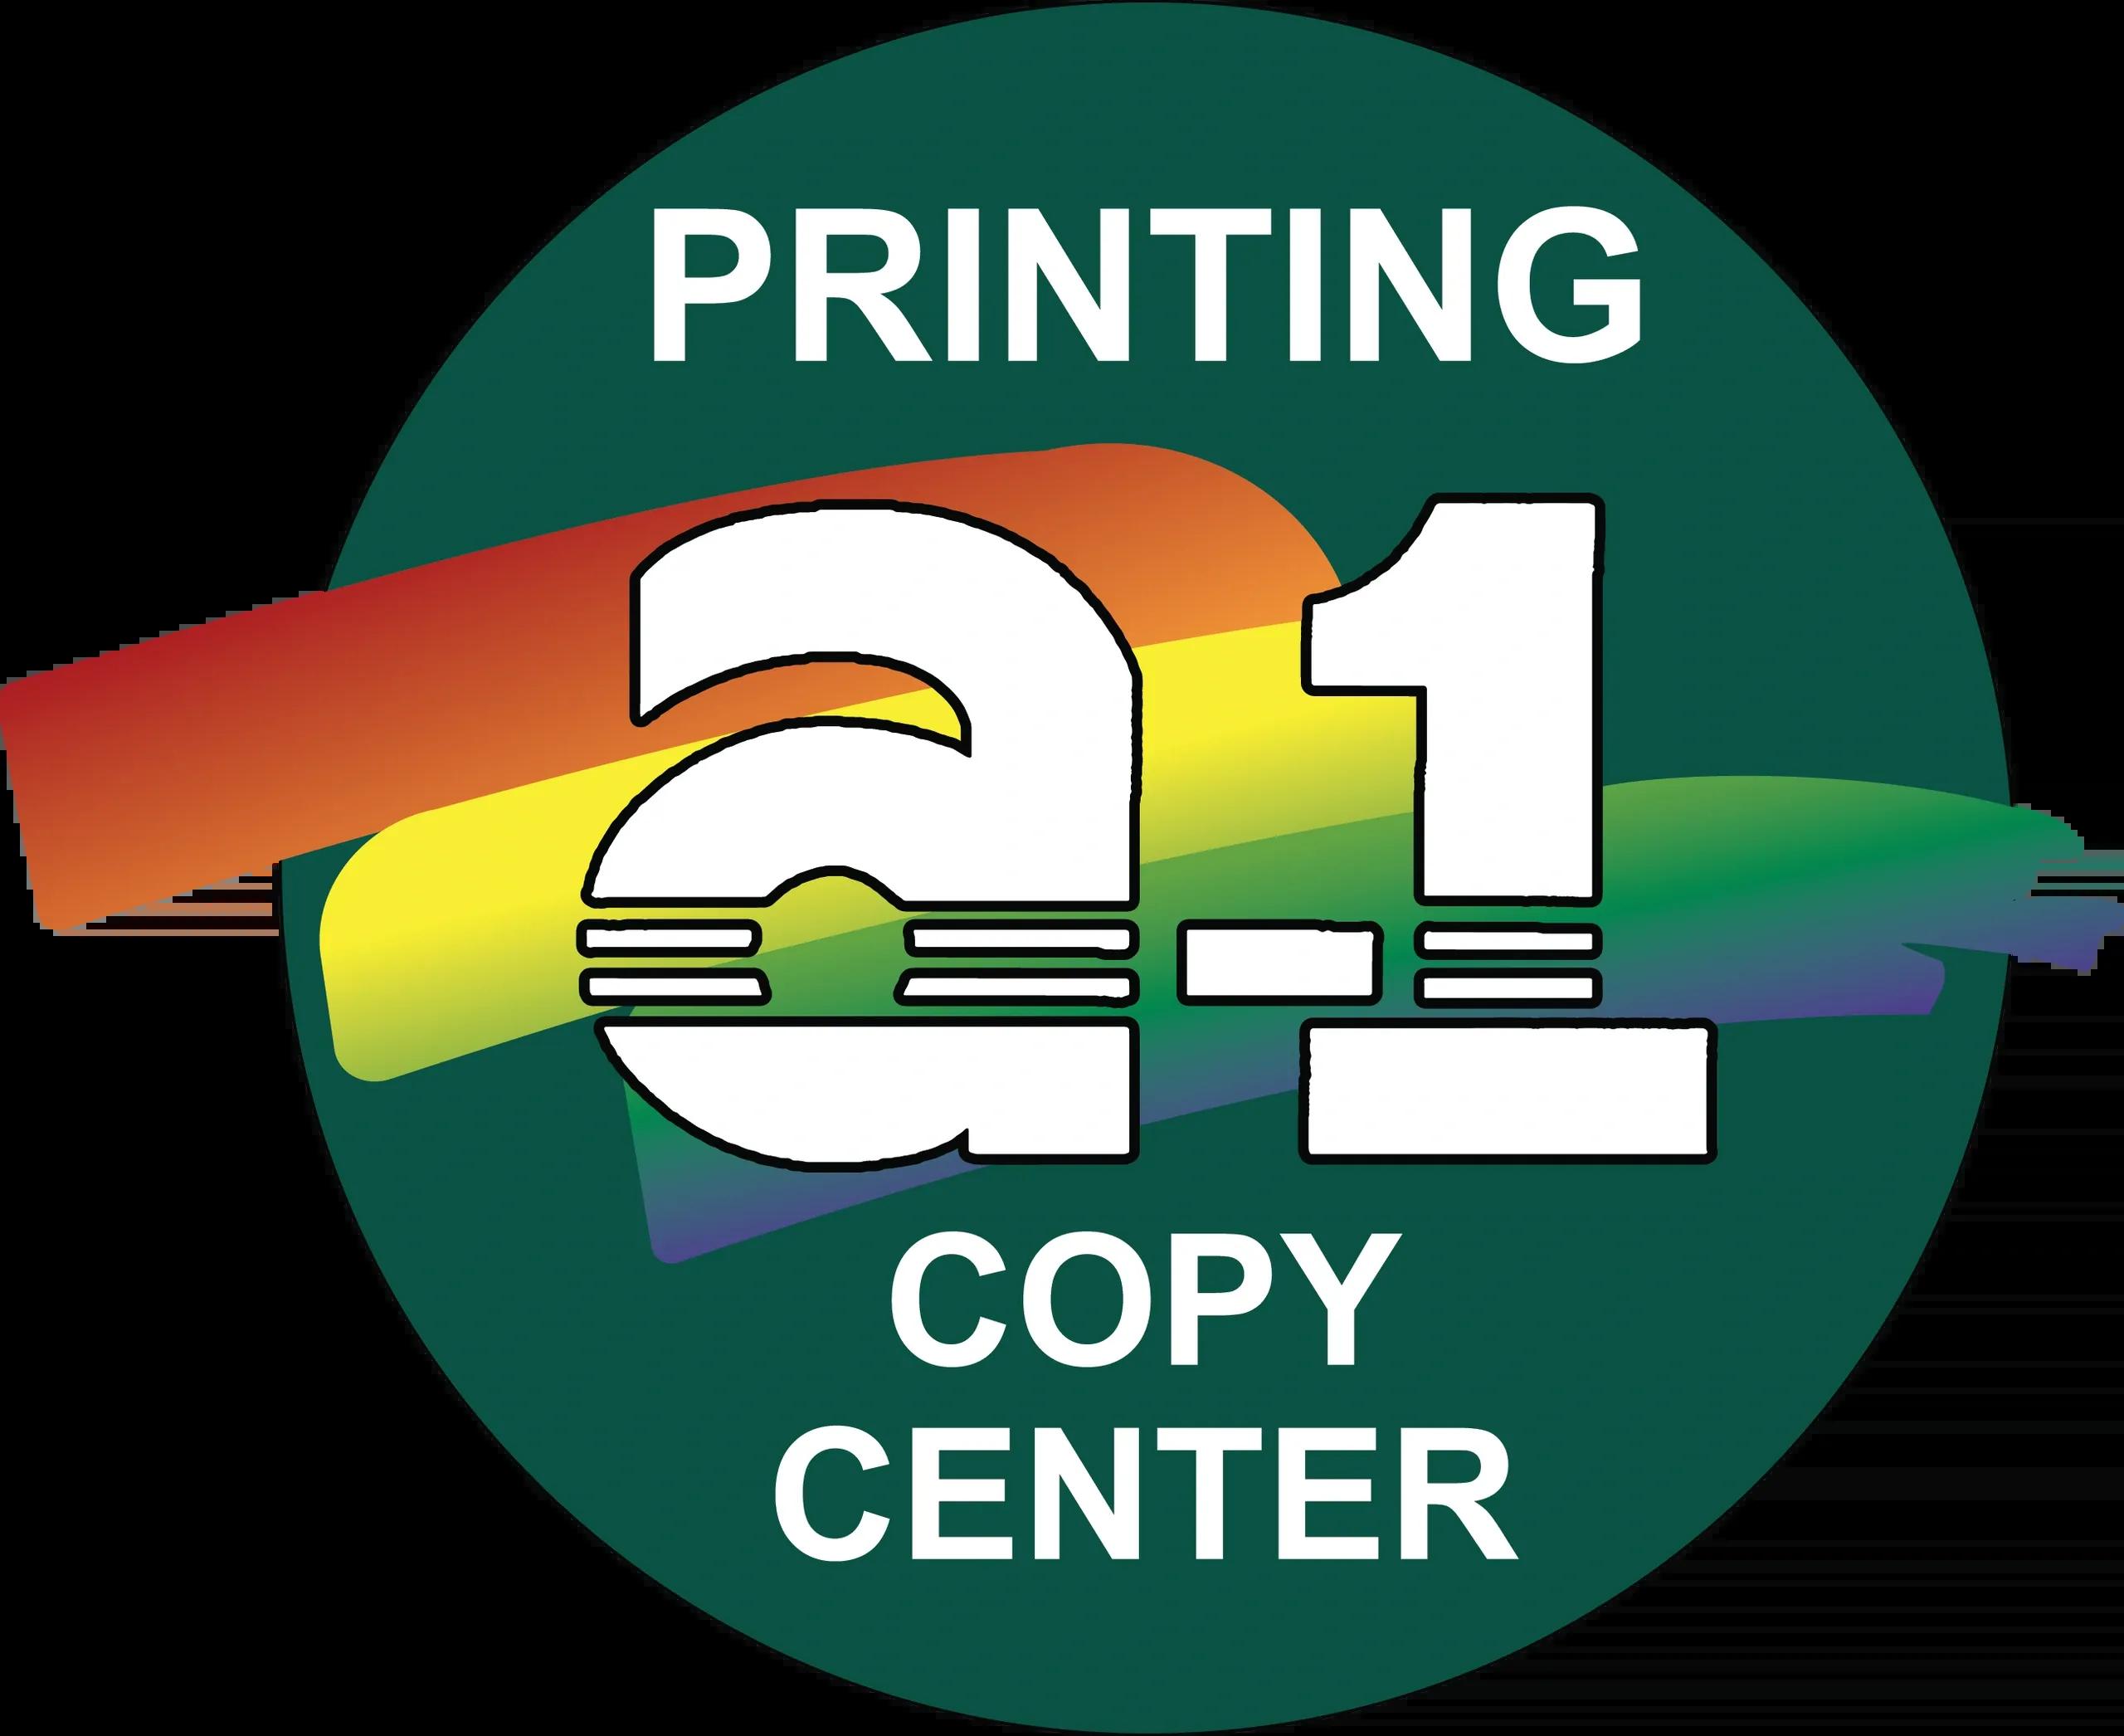 a-1 Printing & Copy Center